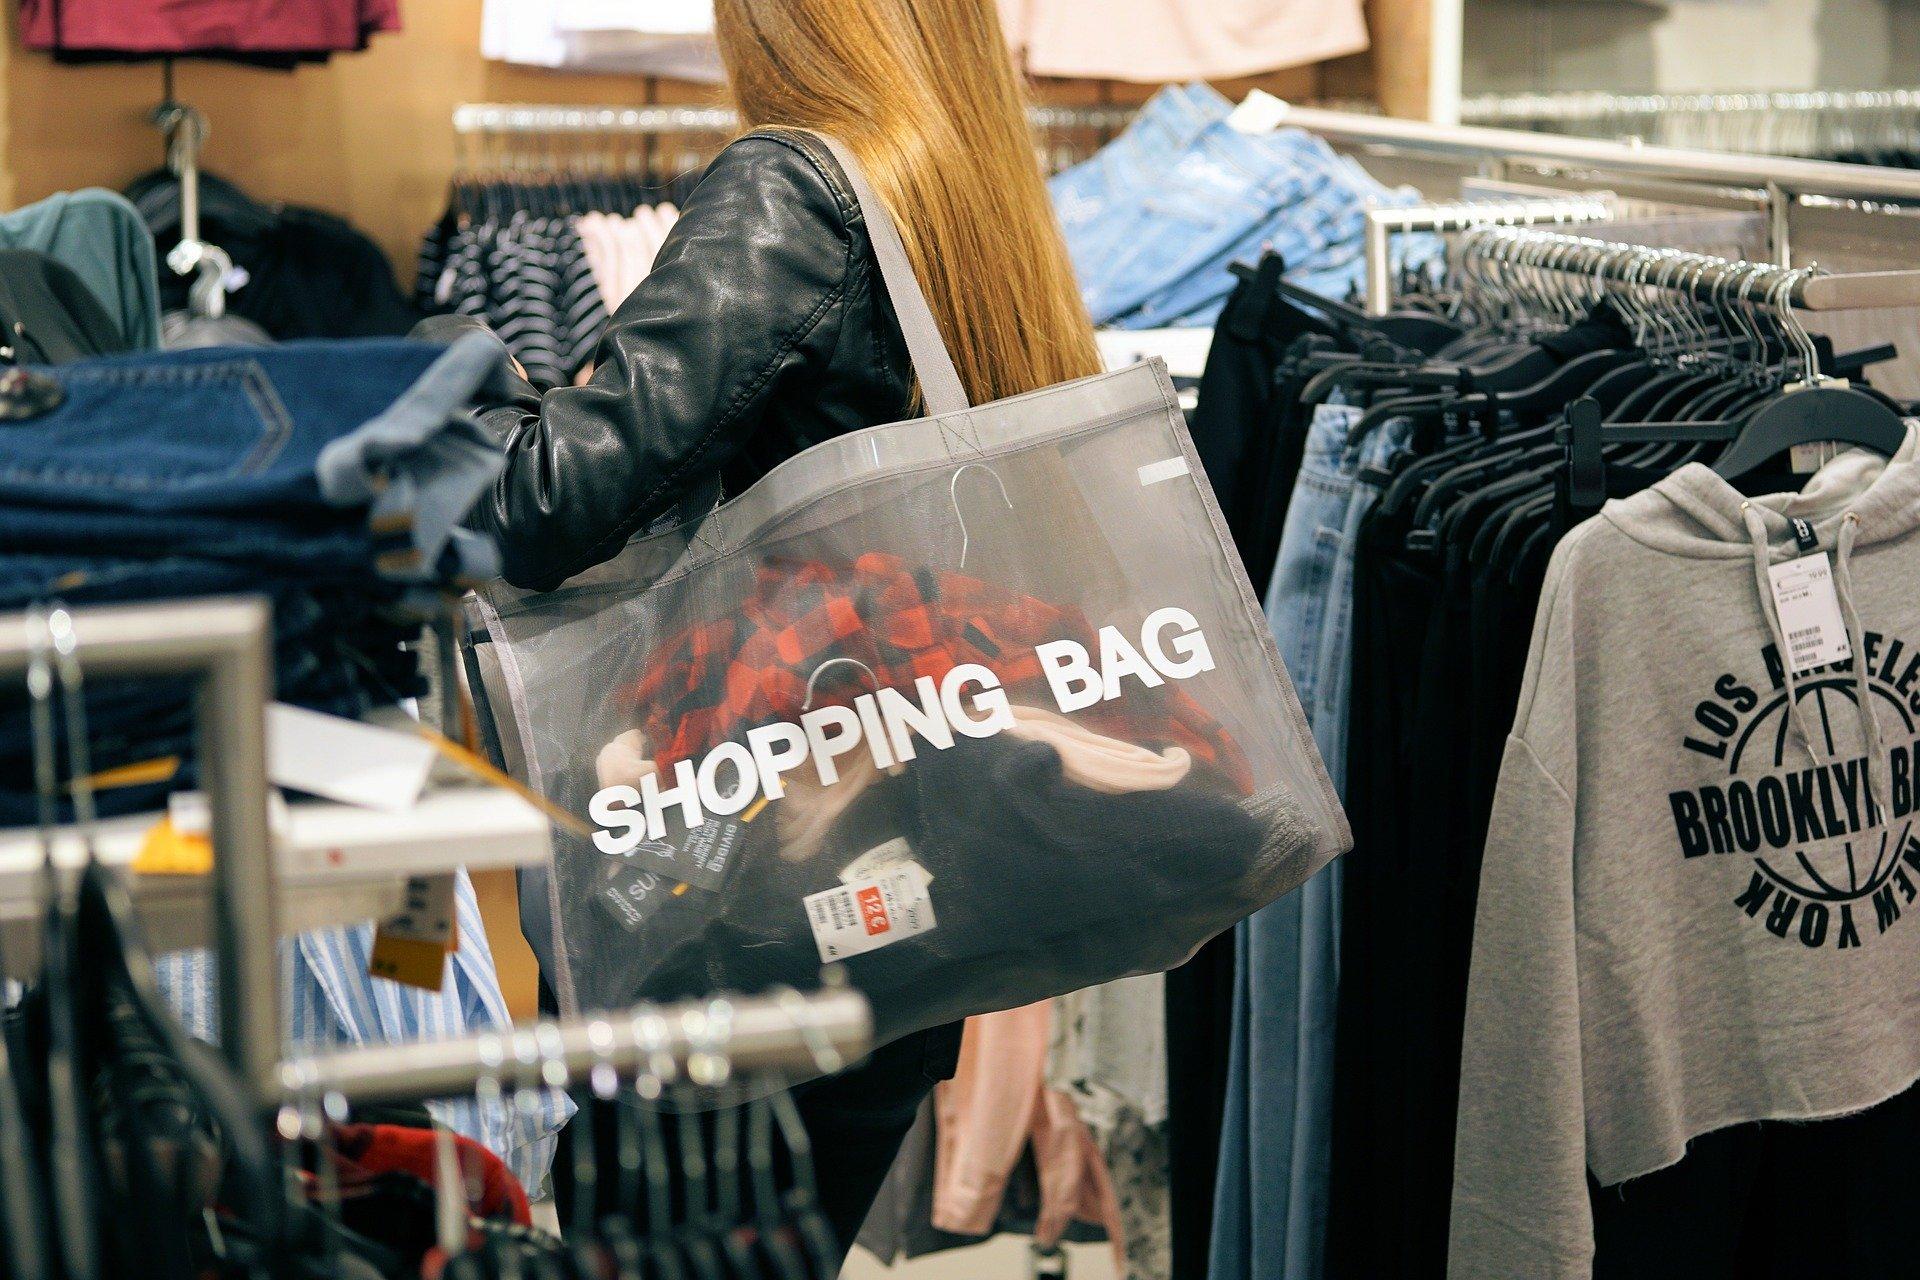 Geschäfte laden wieder zum Bummeln ein. Innenstädte beleben sich neu. FOTO: ANDREAS LISCHKA/PIXABAY.COM